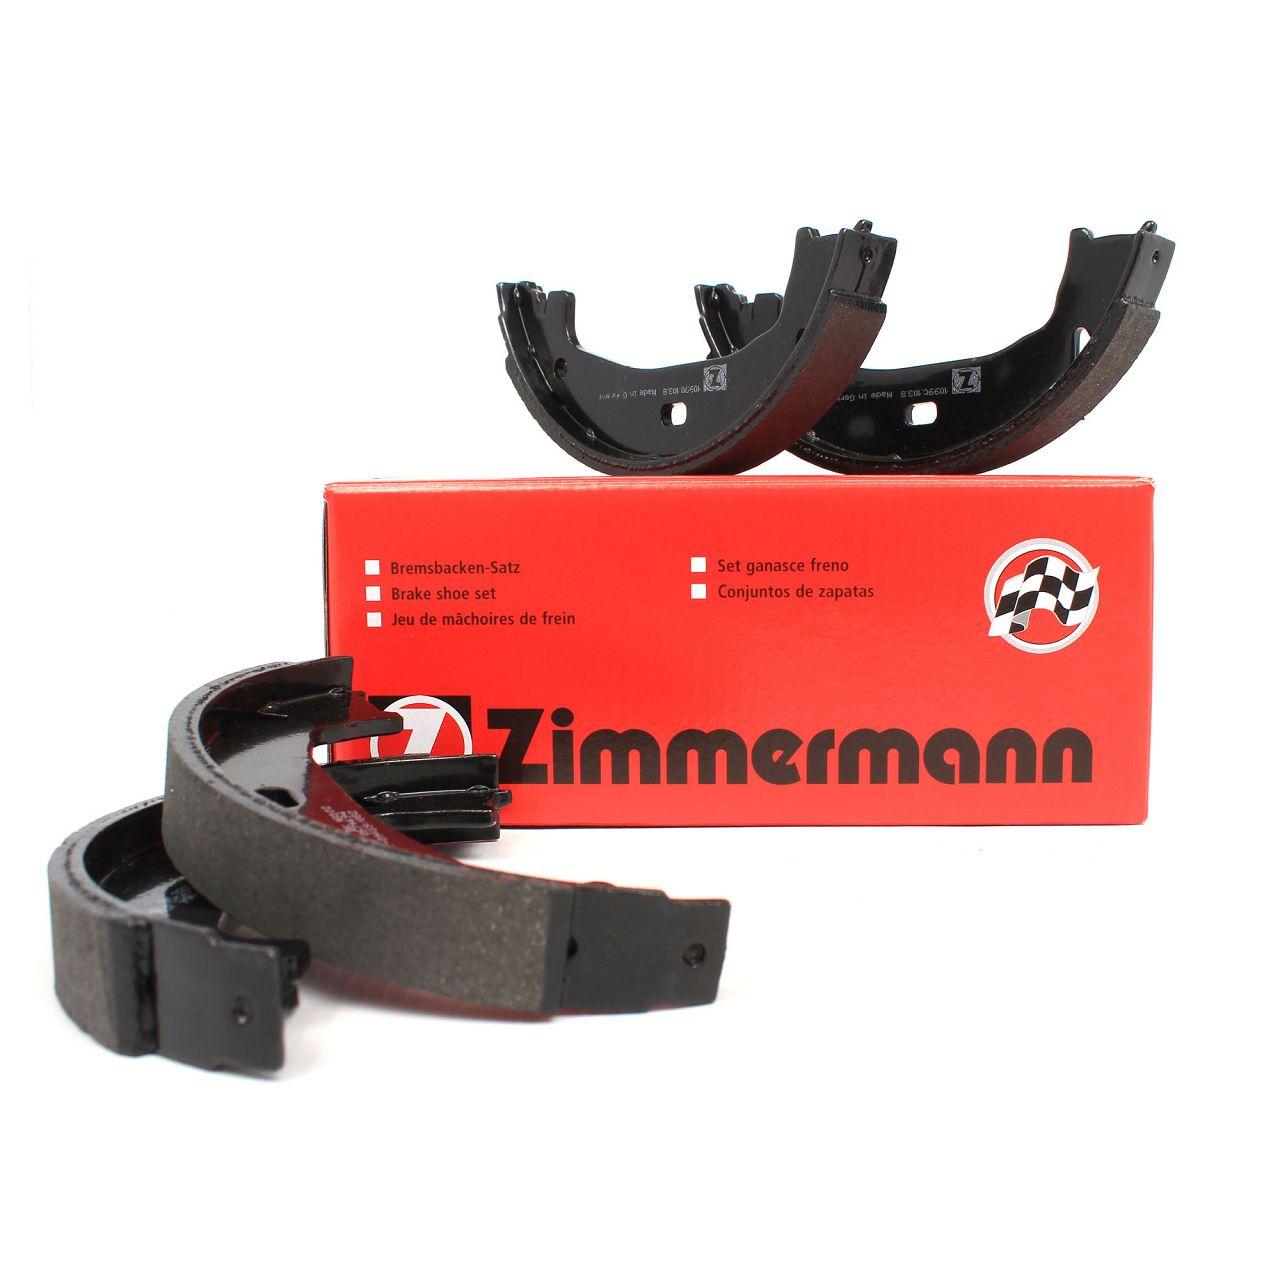 ZIMMERMANN Bremsbacken Satz BMW E81 E87 E88 E82 F20-23 E46 E90 E92 E91 F30-36